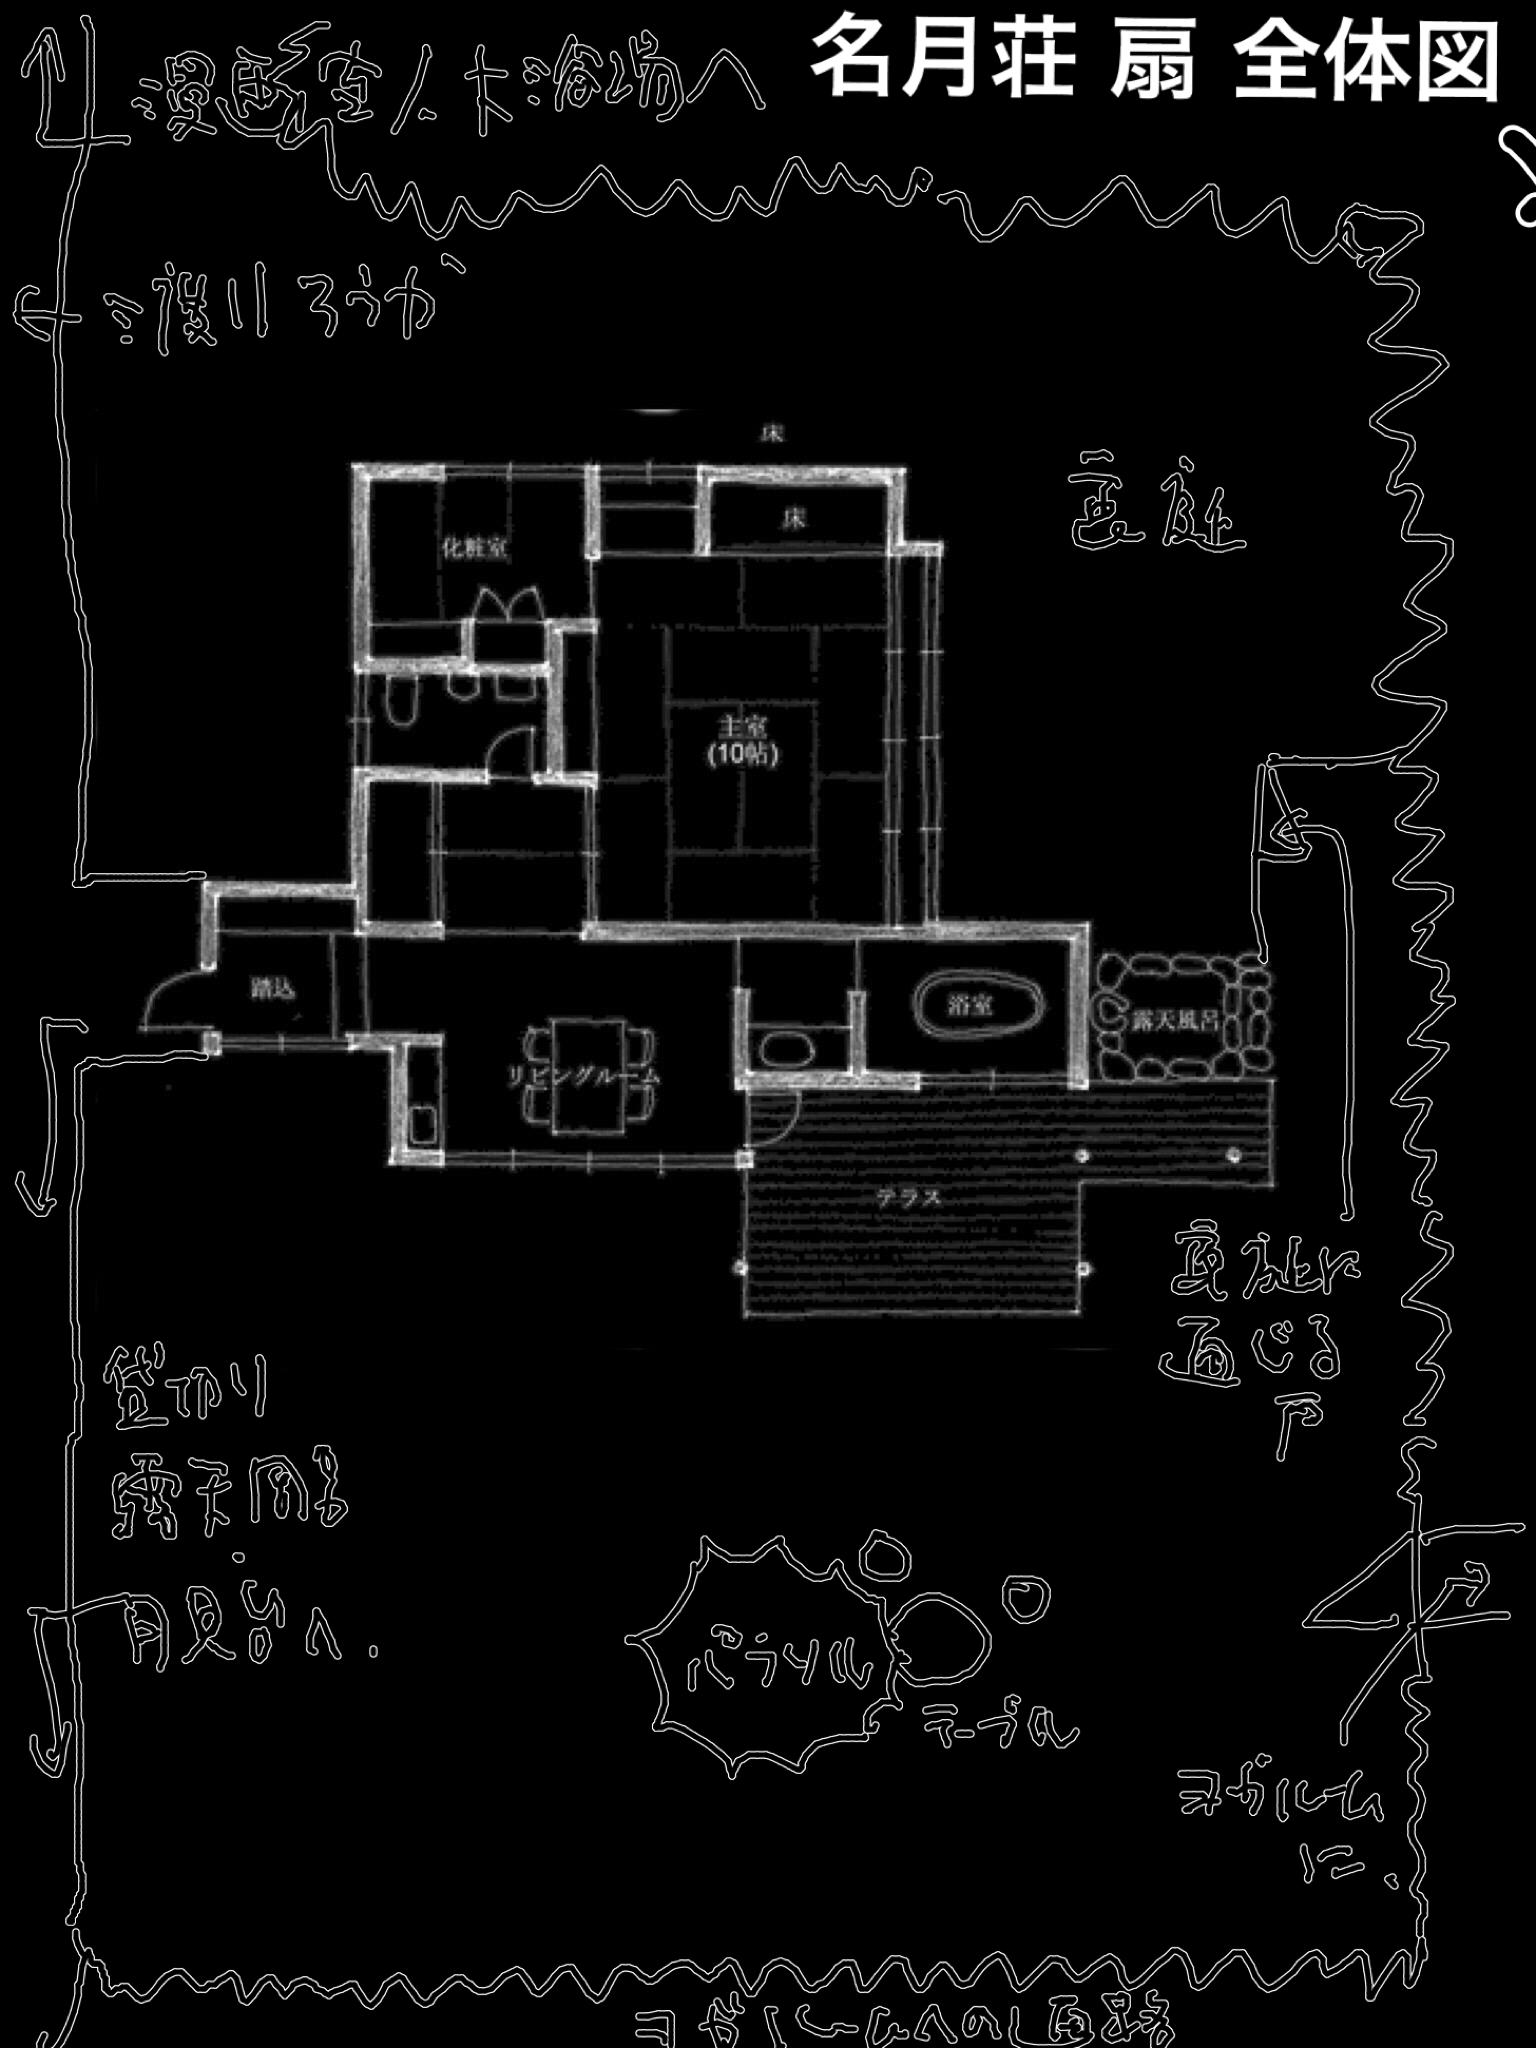 山形 上山温泉 名月荘 扇 宿泊記 部屋の全体図